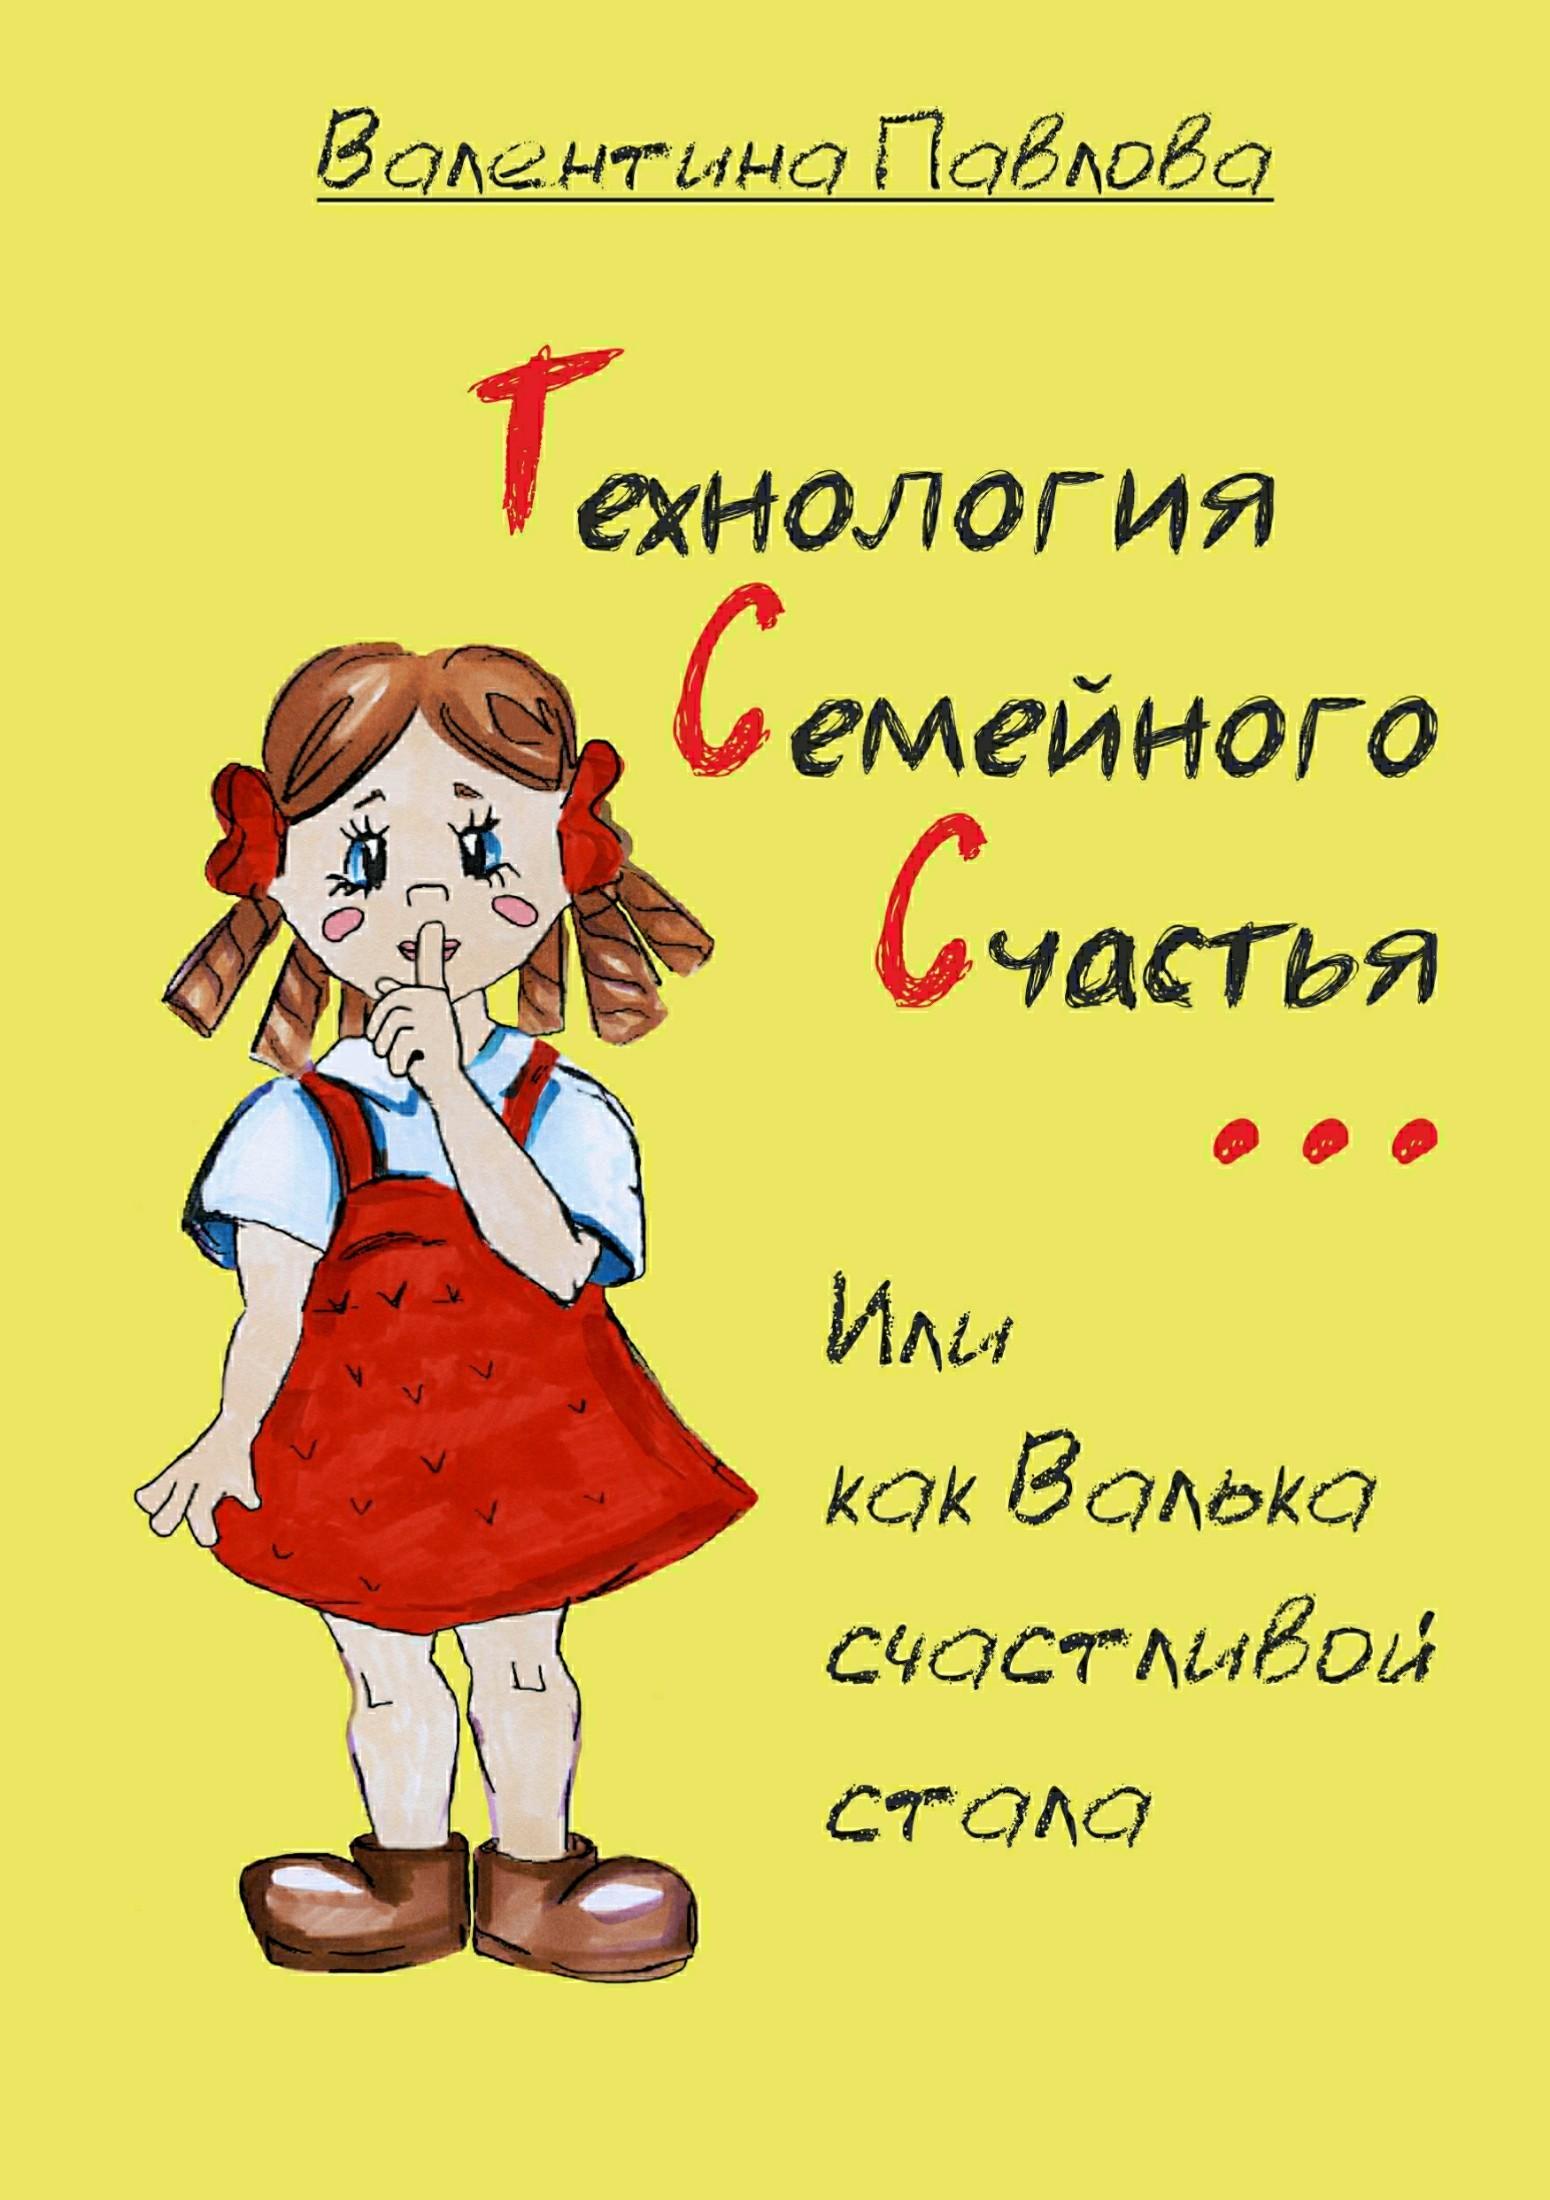 Валентина Павлова «Технология Семейного Счастья, или как Валька счастливой стала»